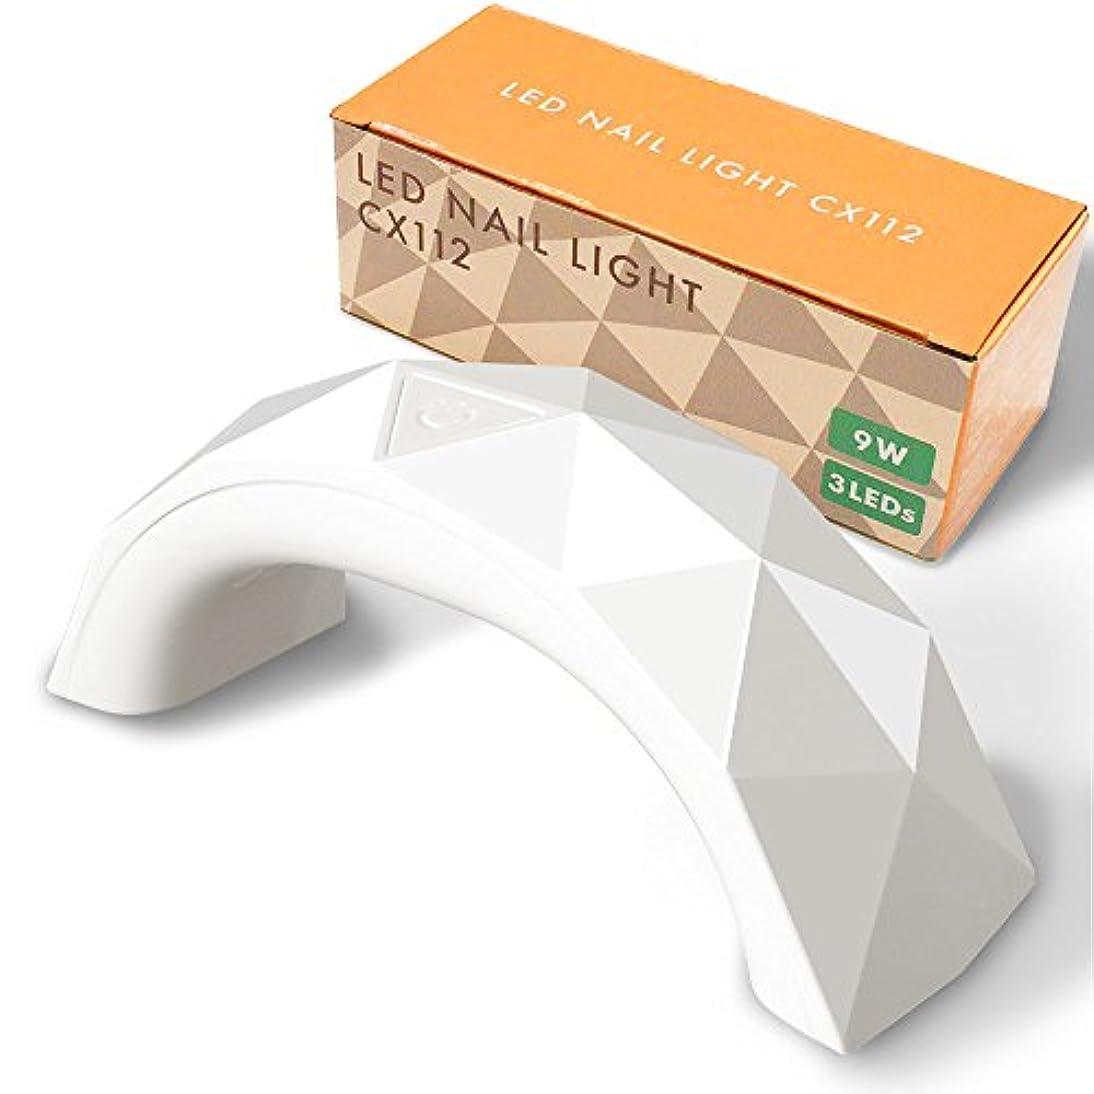 のホスト外出スピーチ【Centrex】【CX112】ジェルネイル LEDライト 9W 硬化用ライト タイマー付き ハイパワーチップ式LED球 USB式 (ホワイト)